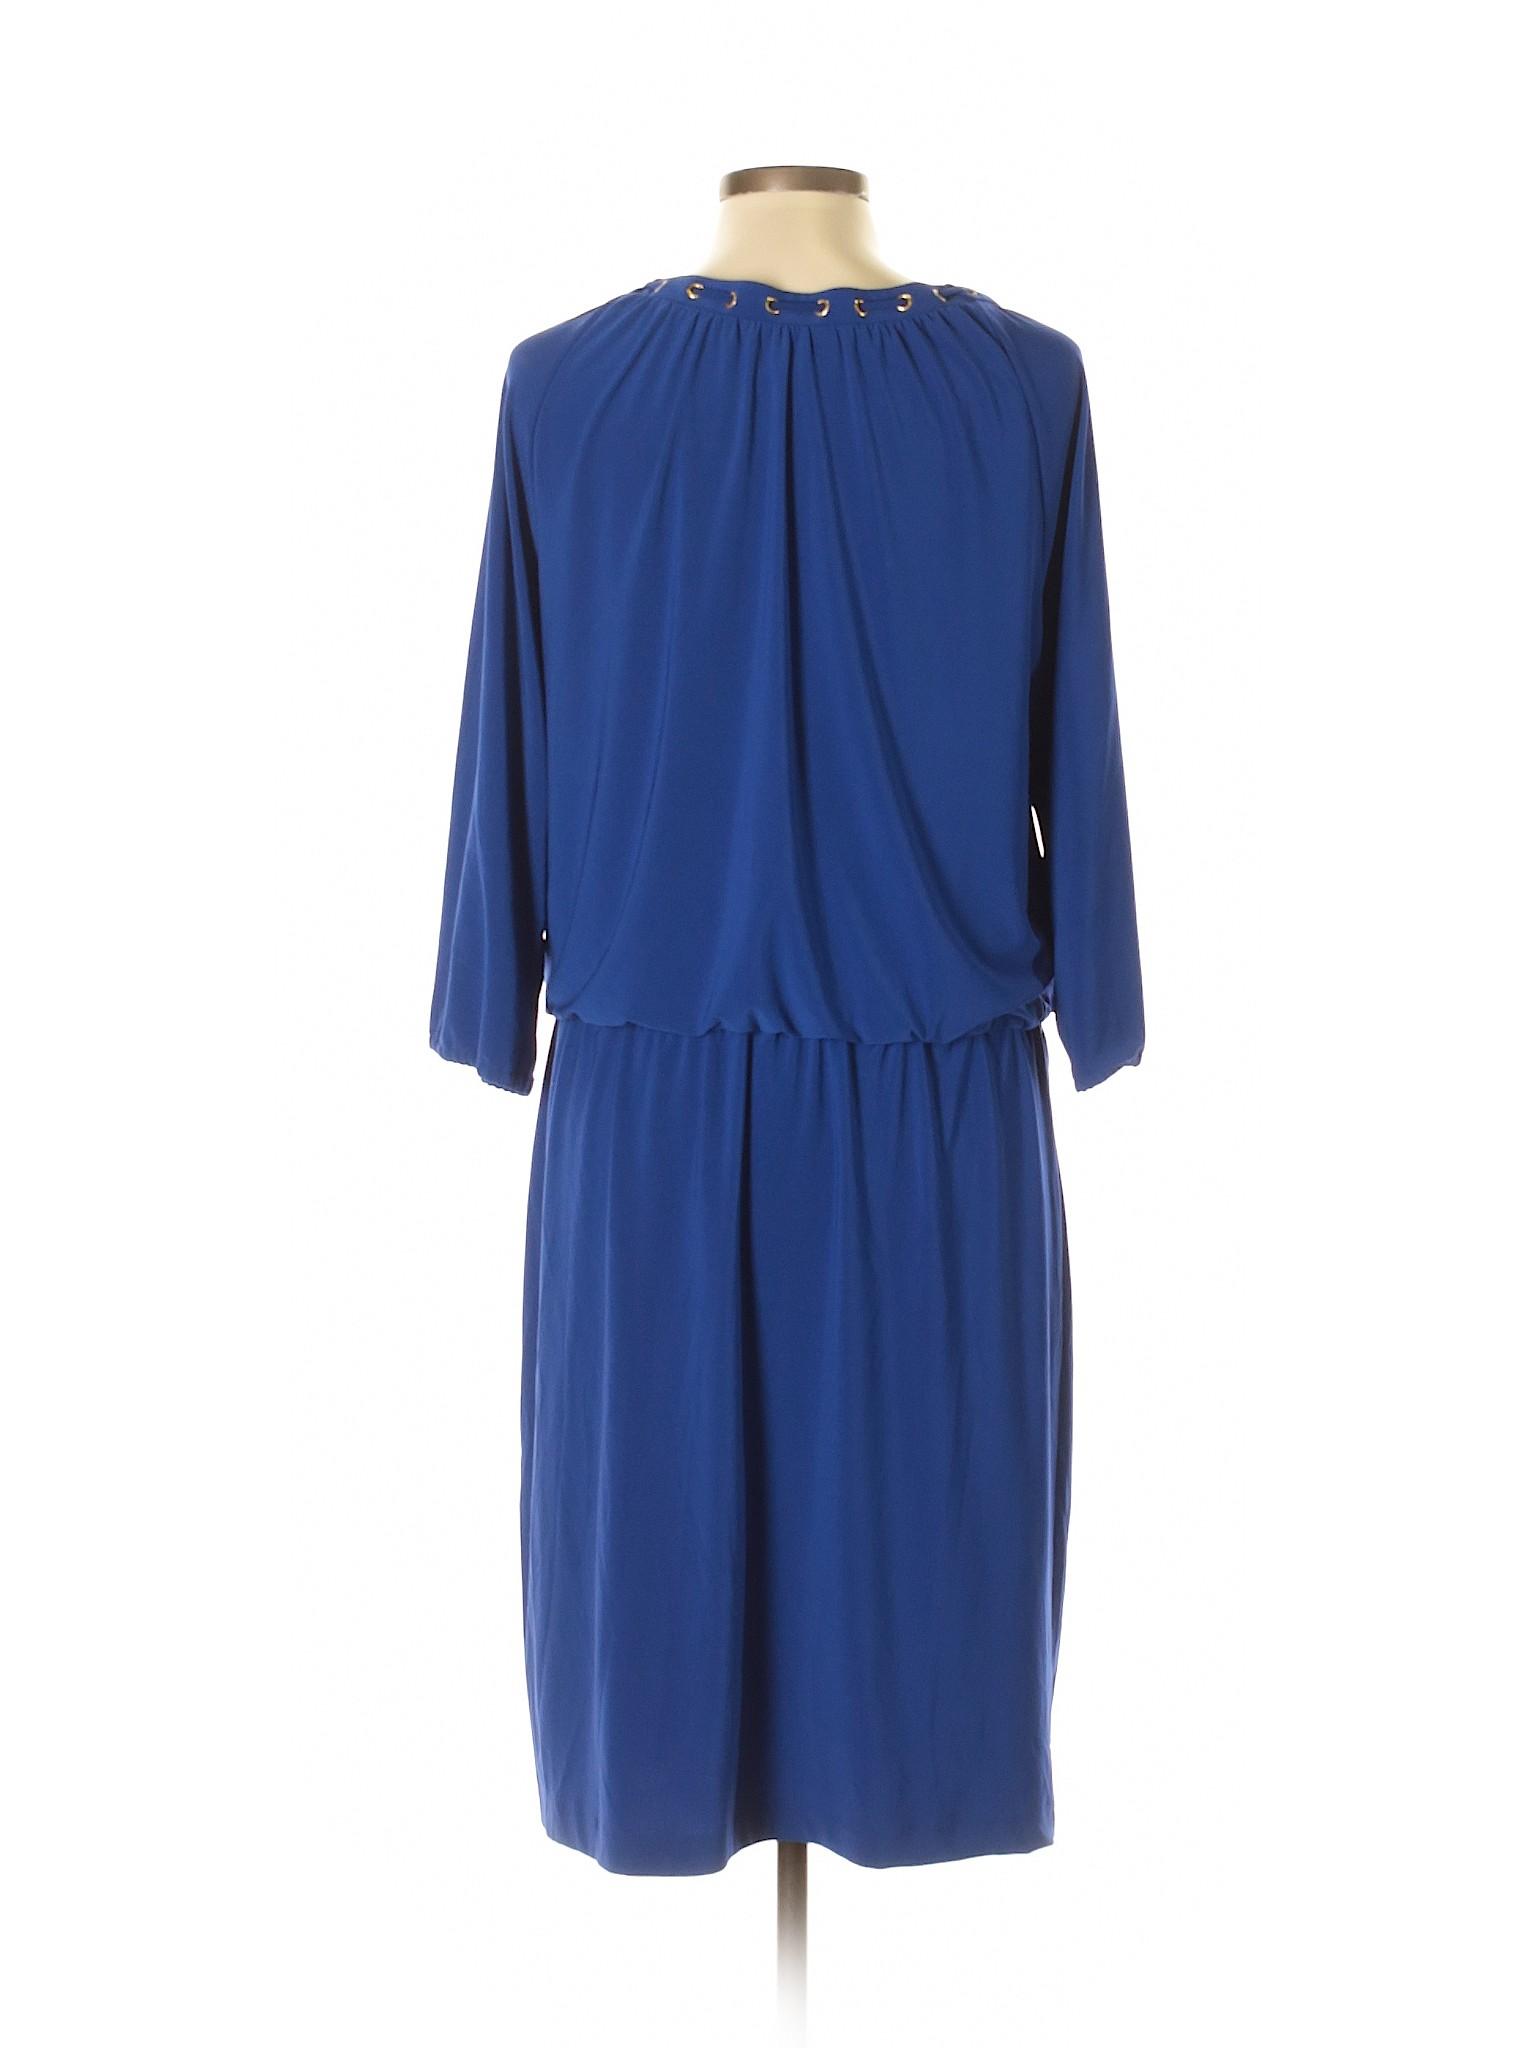 Nine Casual winter Dress Boutique West T0Wwq5RPP7